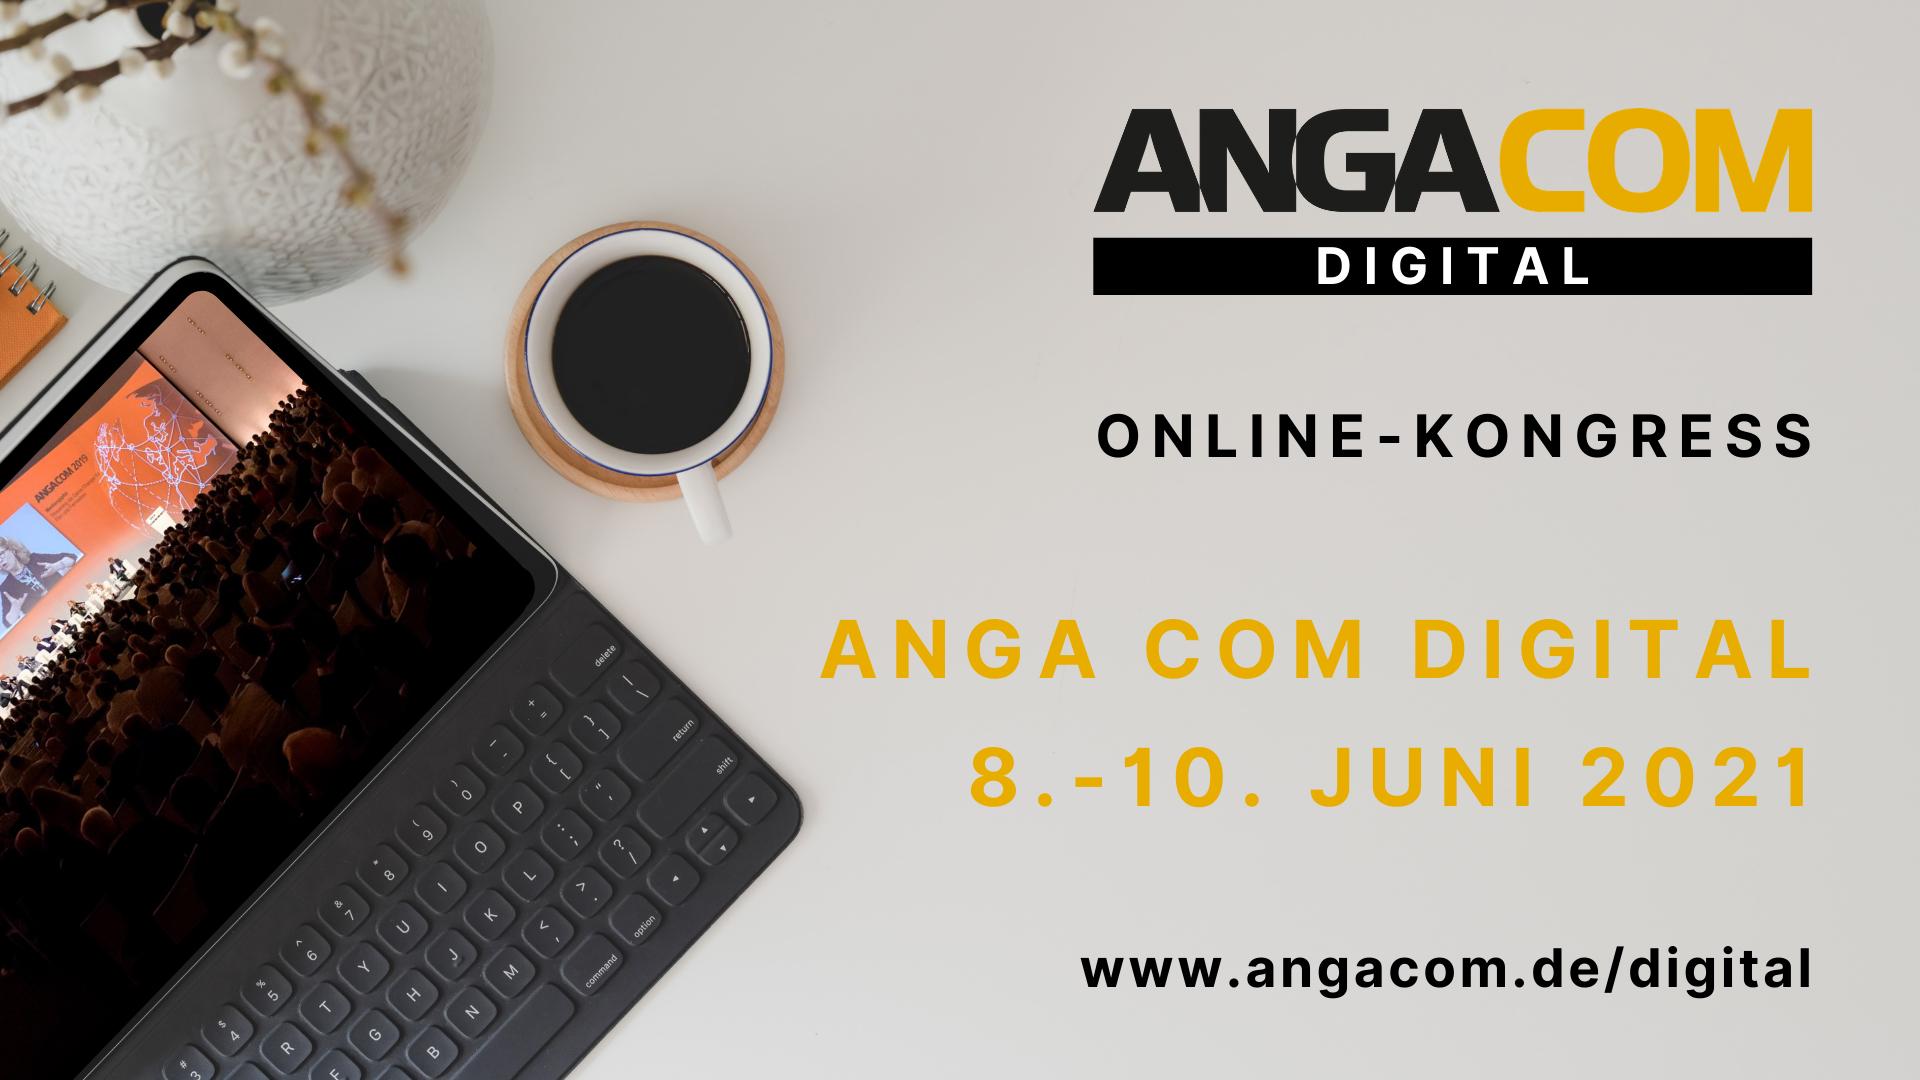 ANGA COM DIGITAL 2021